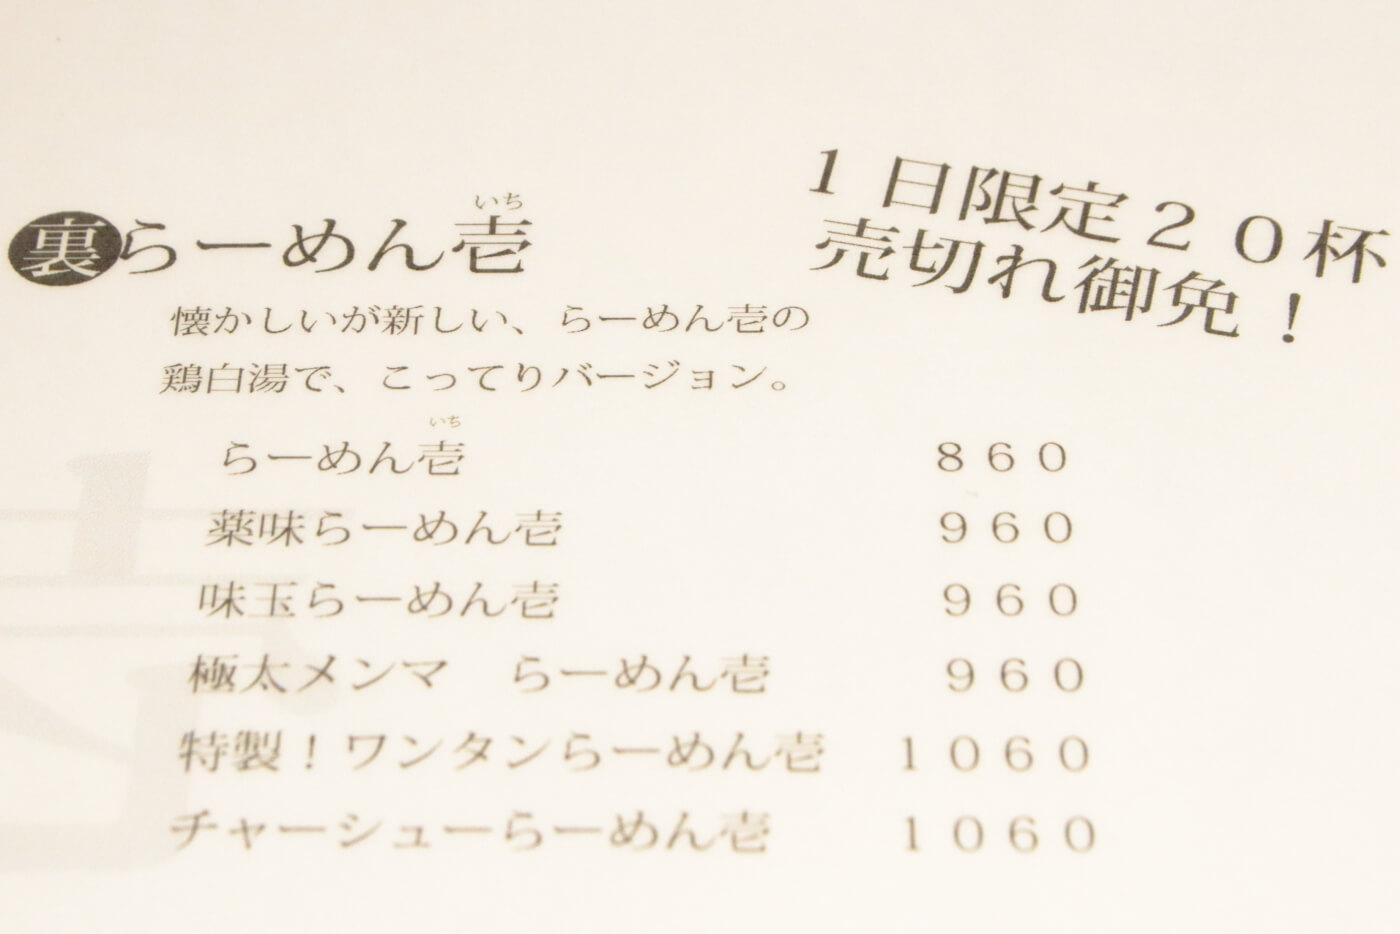 高知市のラーメン店チョンマゲのメニュー